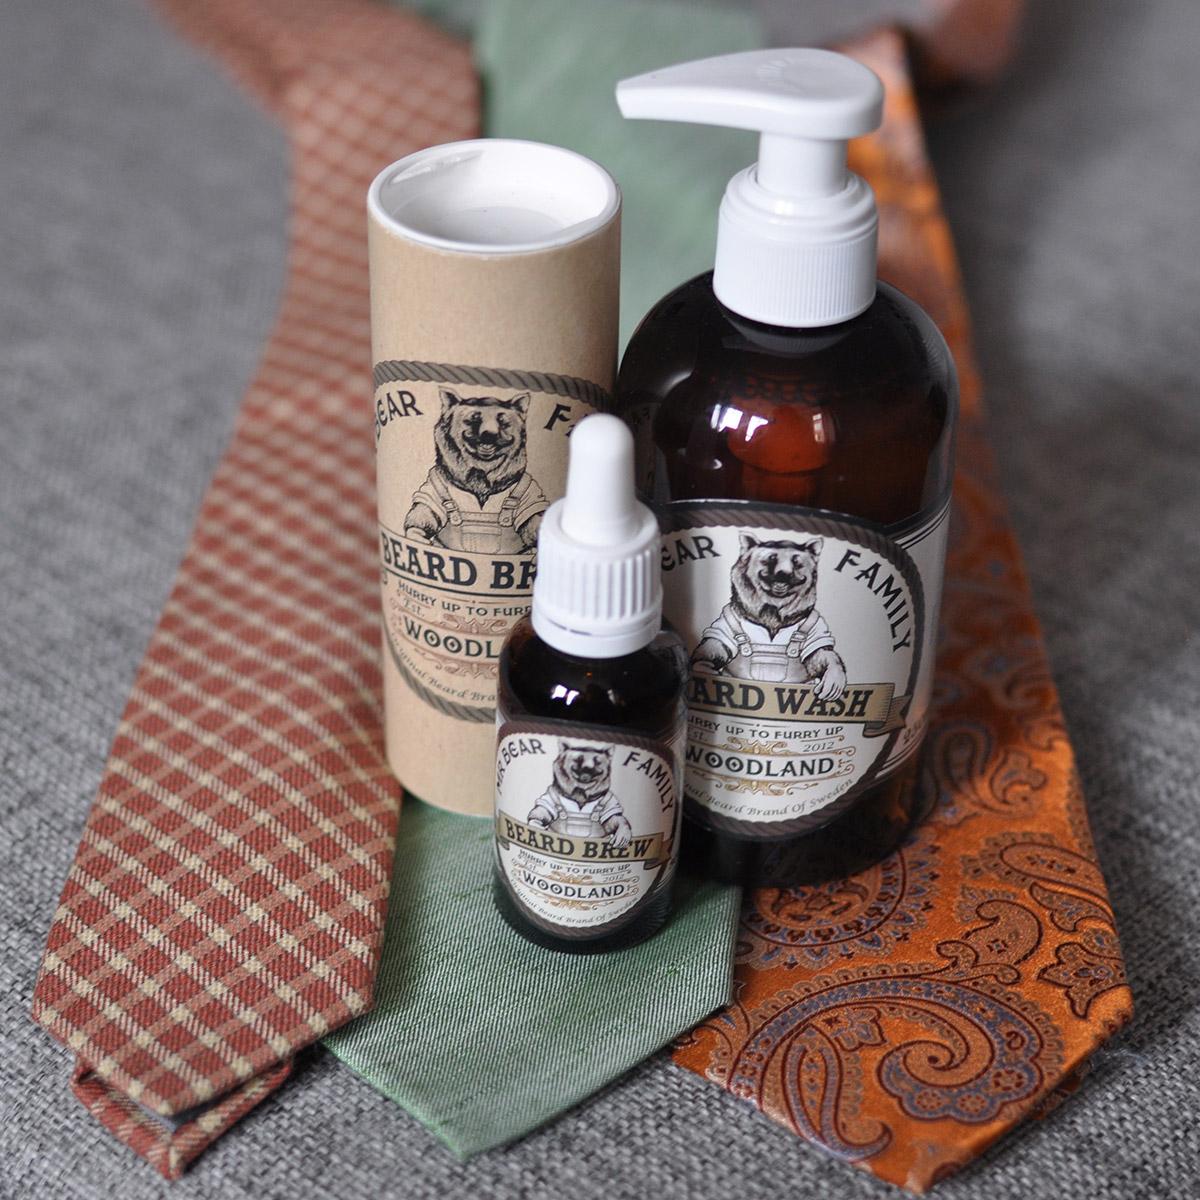 Skäggolja och skäggtvätt från Mr Bear Family